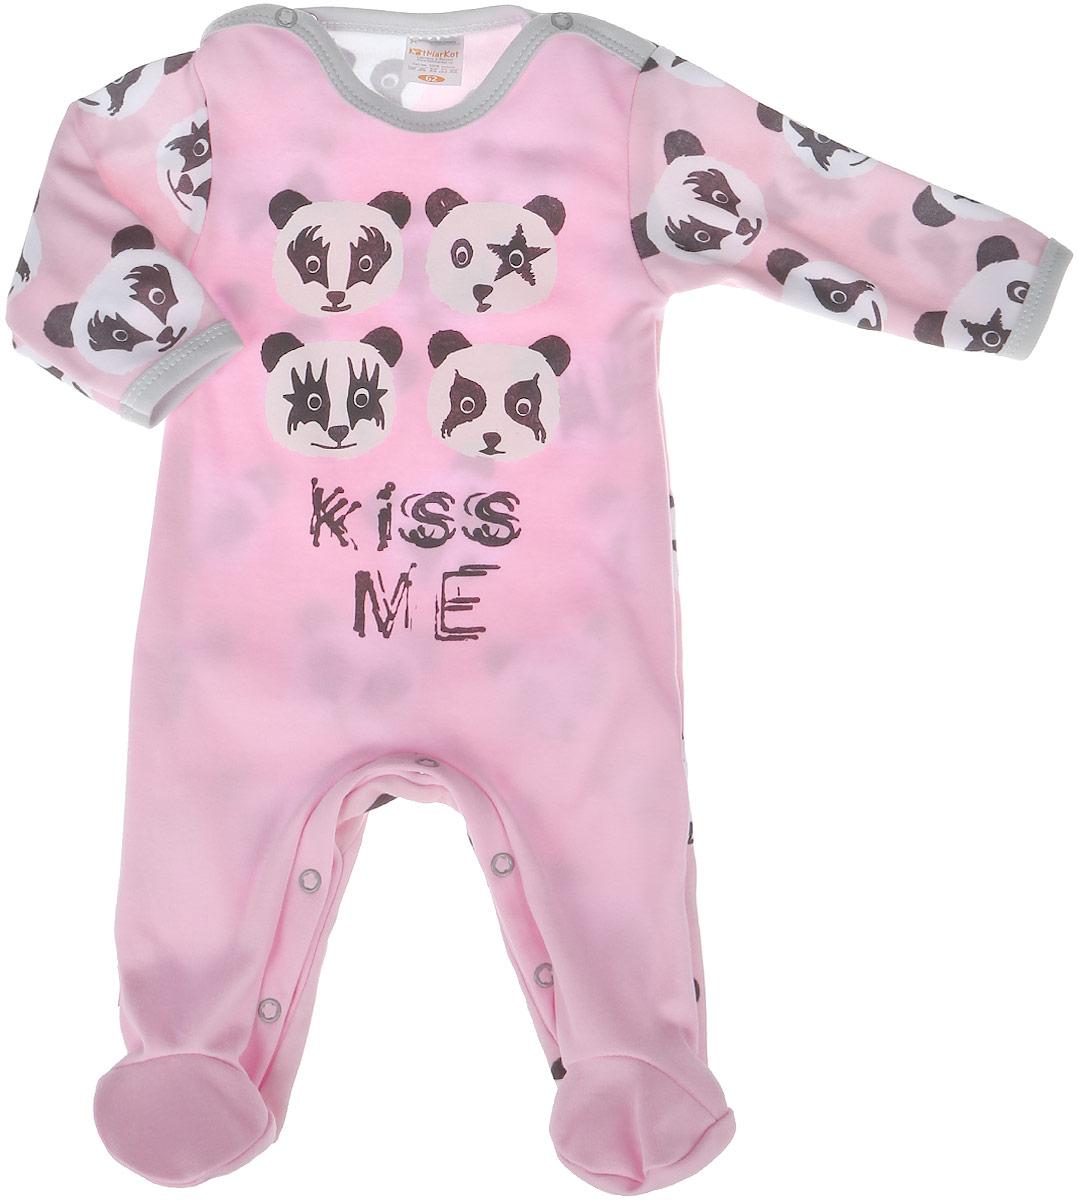 Комбинезон домашний для девочки КотМарКот, цвет: розовый. 6122. Размер 806122Комбинезон домашний для девочки КотМарКот выполнен из качественного материала. Модель с длинными рукавами застегивается на кнопки.